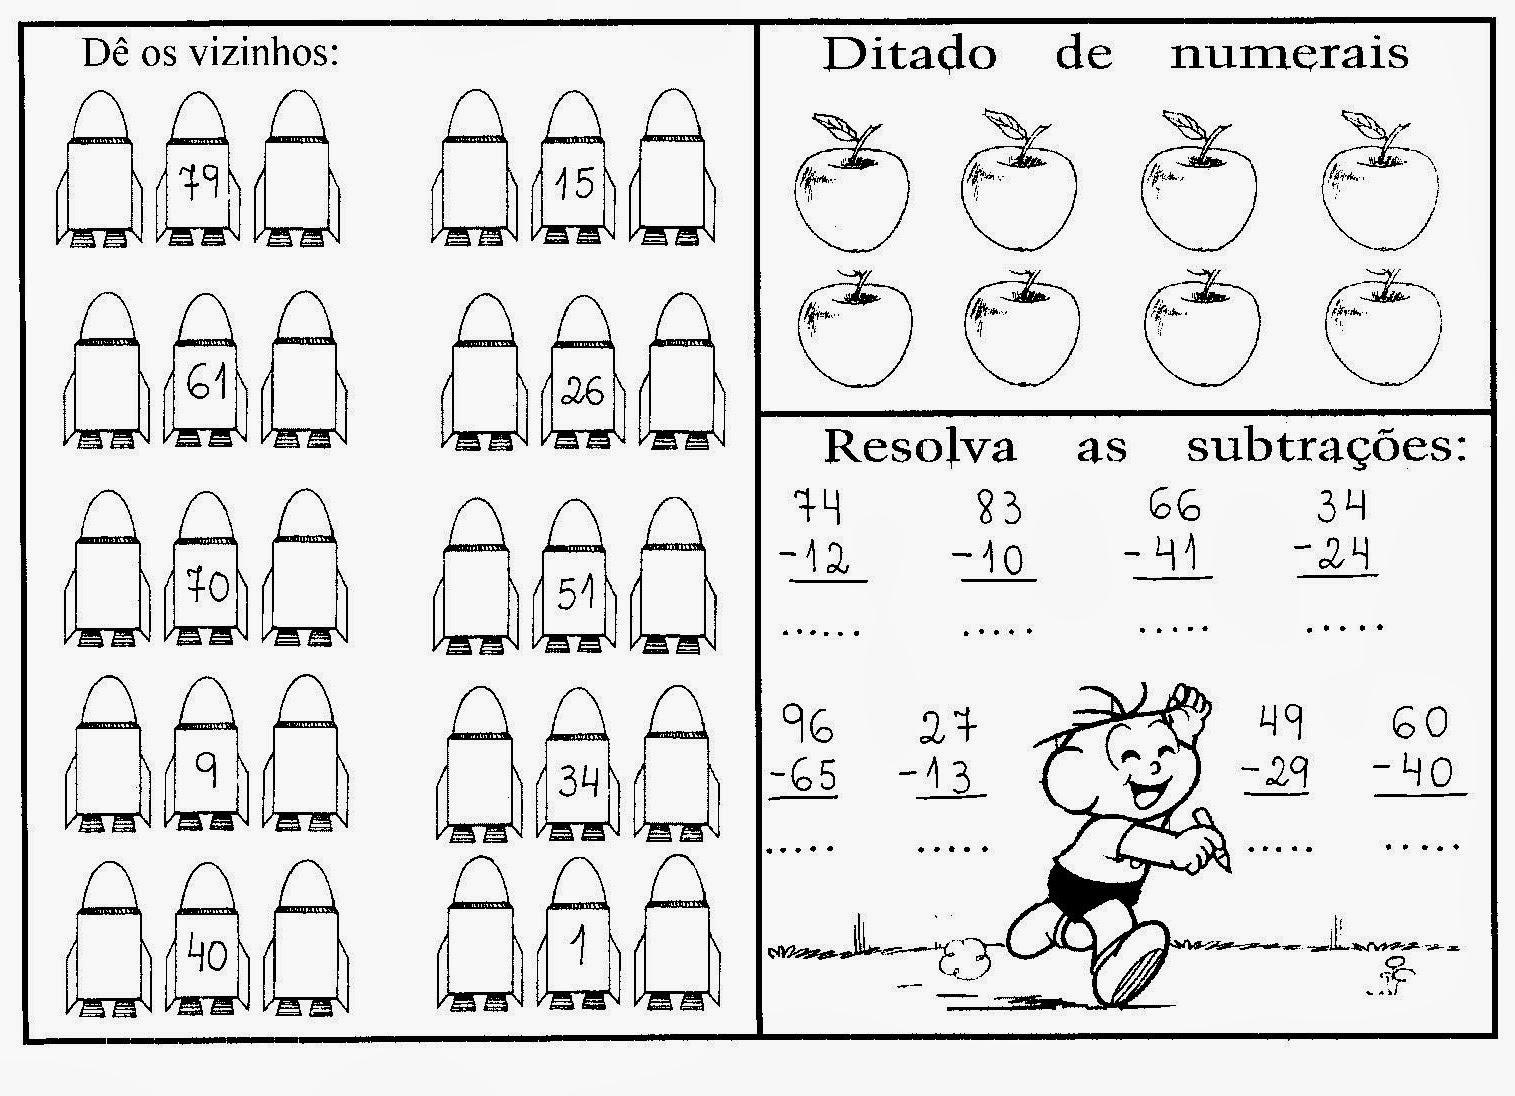 Favoritos Atividades de Matemática para Imprimir | Classificados de Links FN69